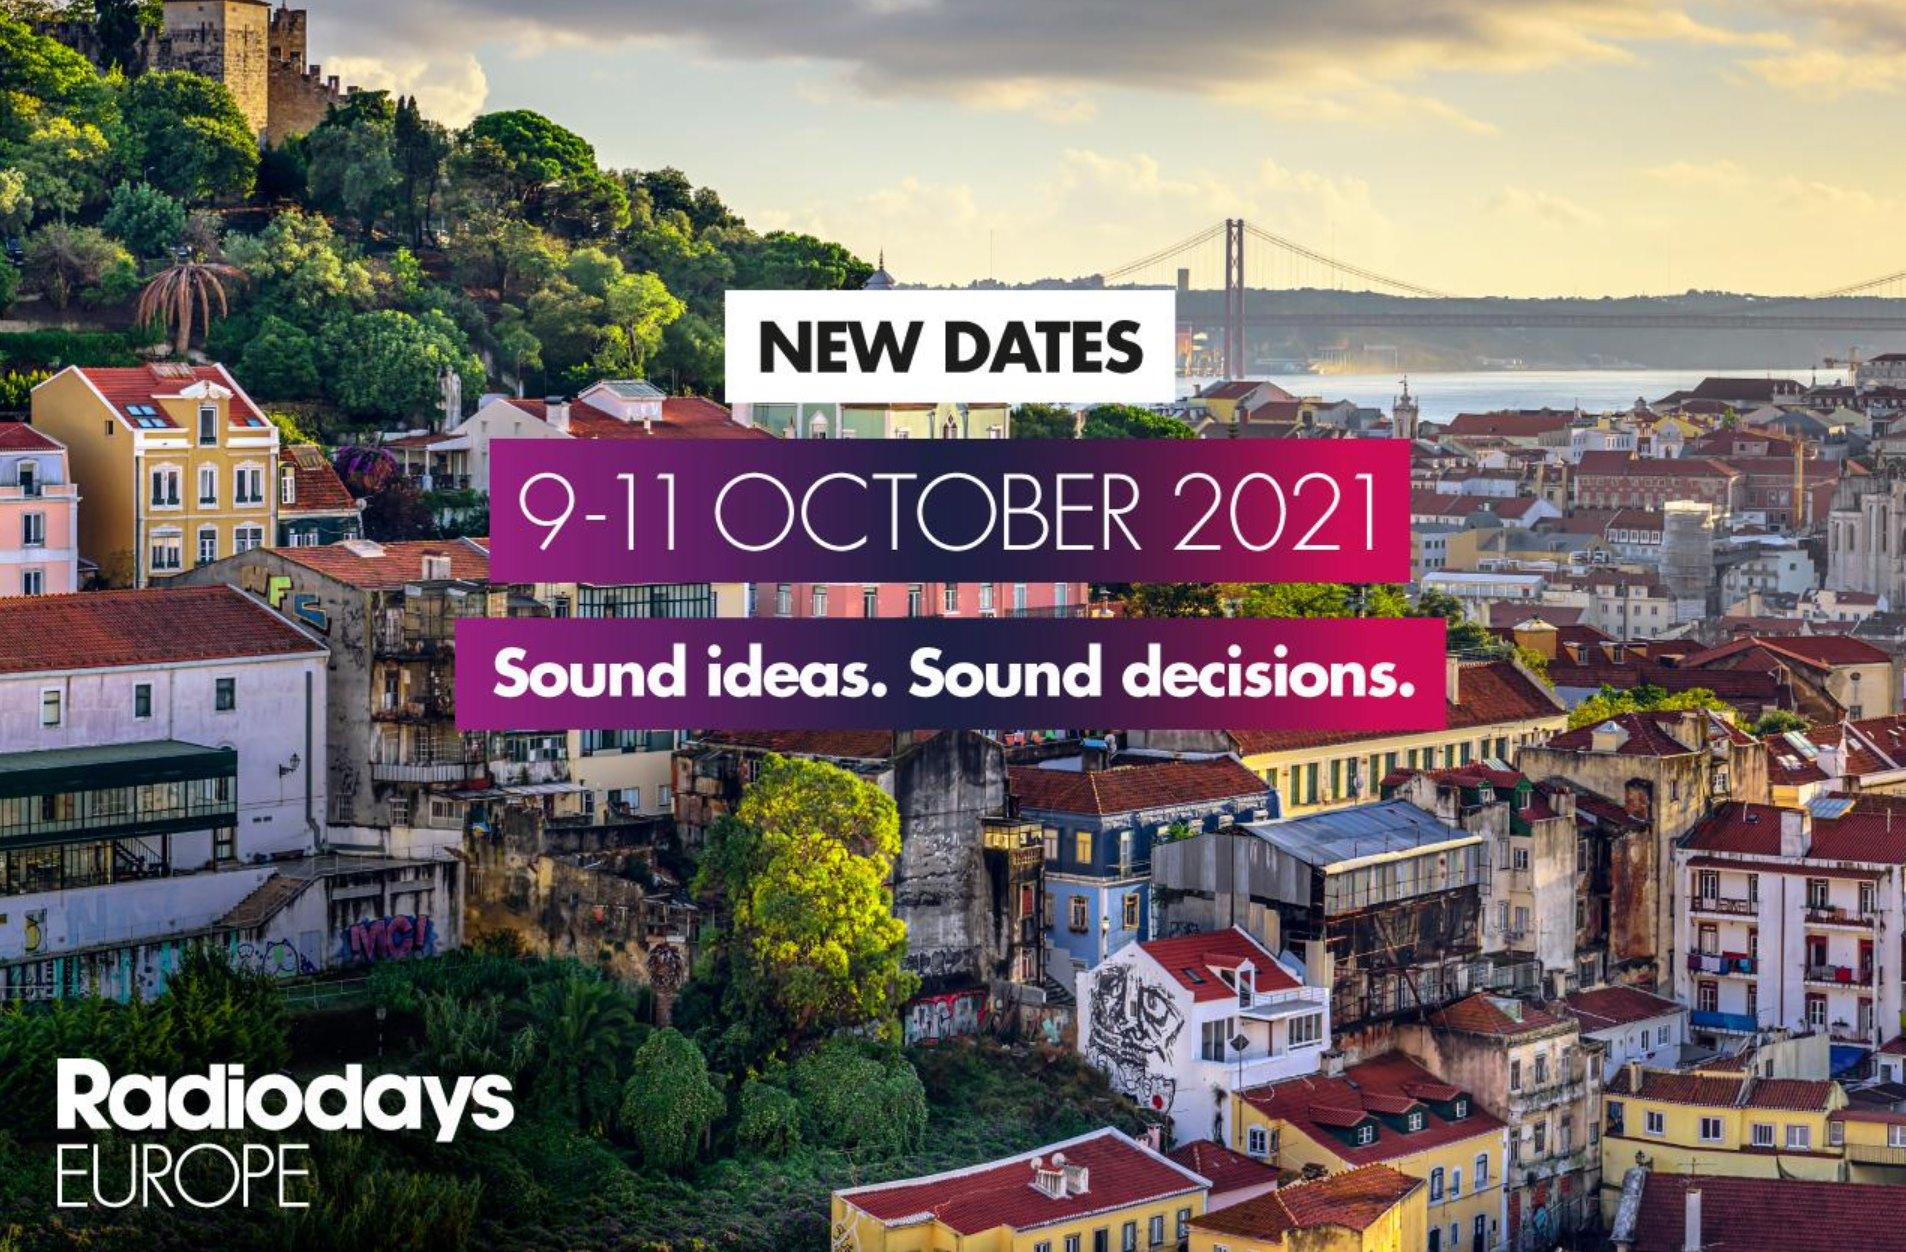 Les Radiodays Europe arrivent à Lisbonne